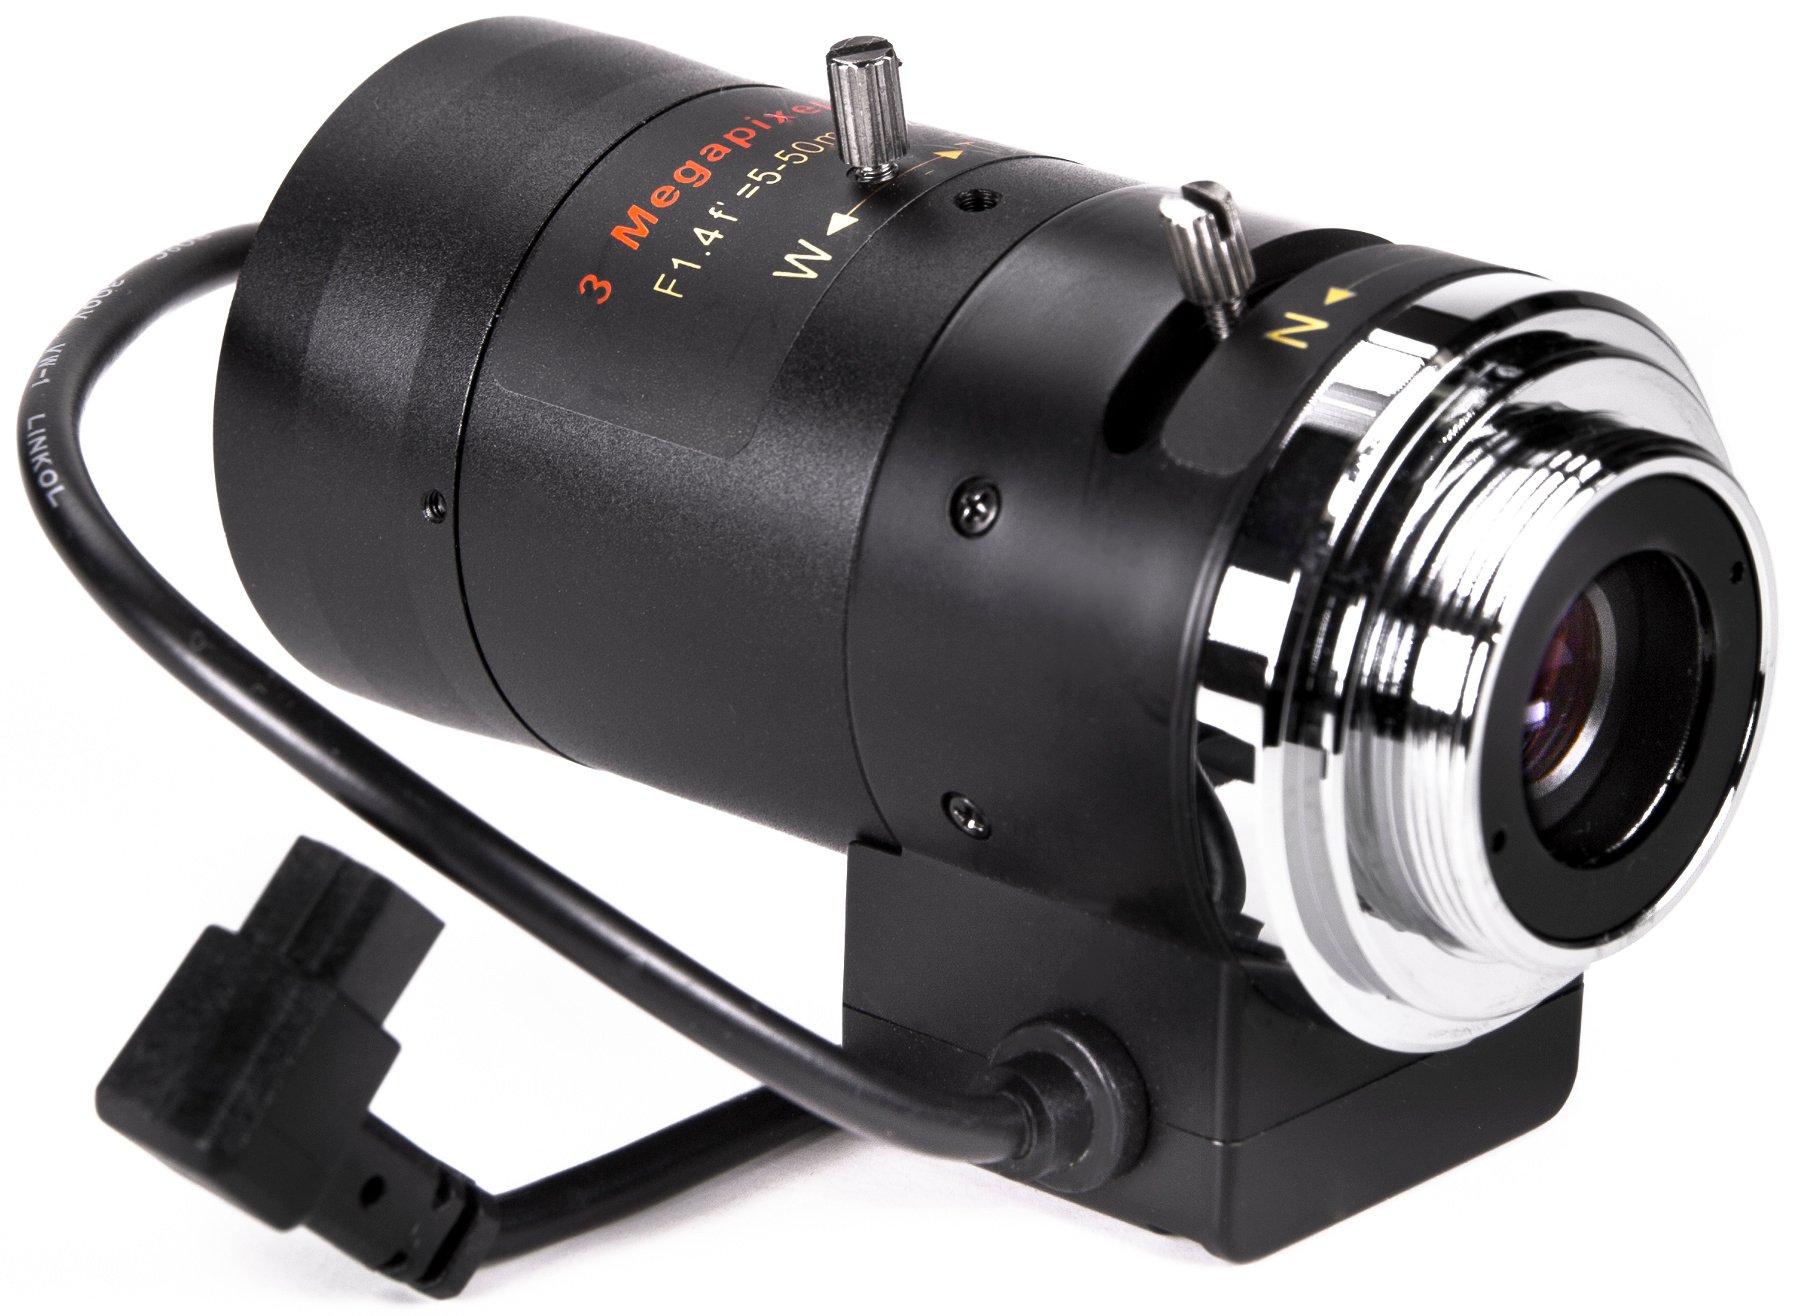 5.0-50mm F1.4 CS Mount Varifocal Lens